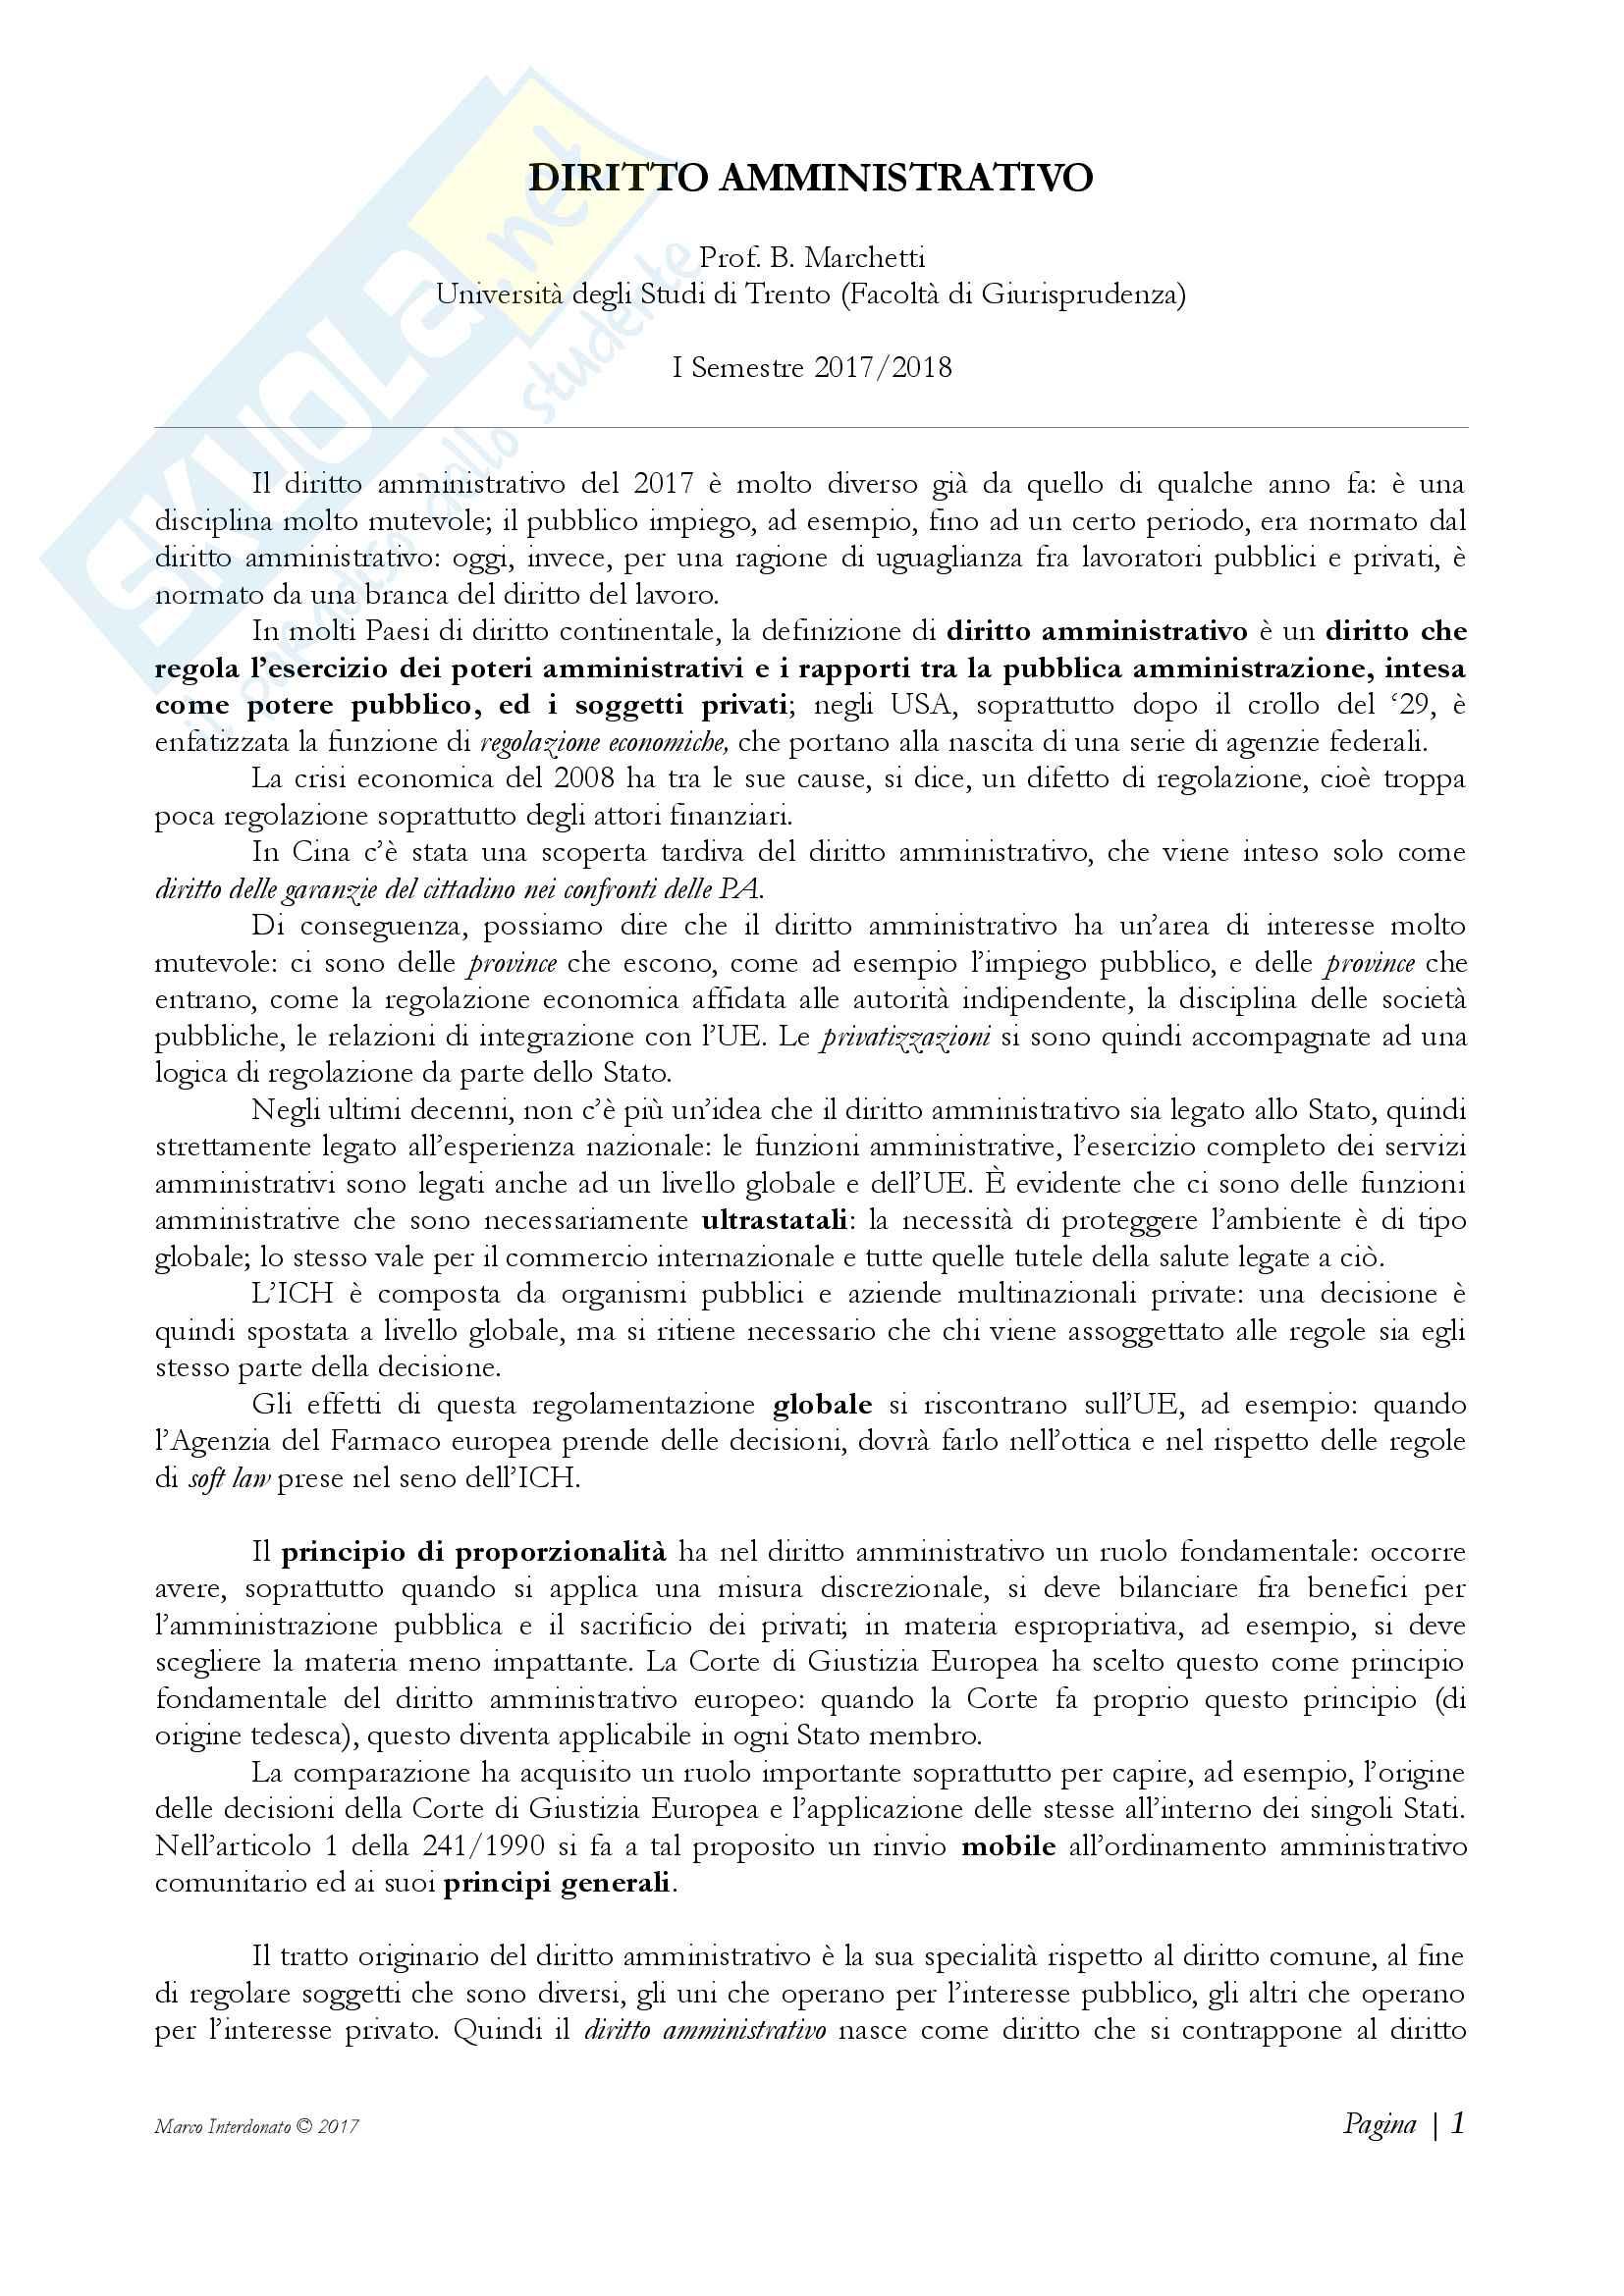 Diritto amministrativo - Appunti Prof. Marchetti